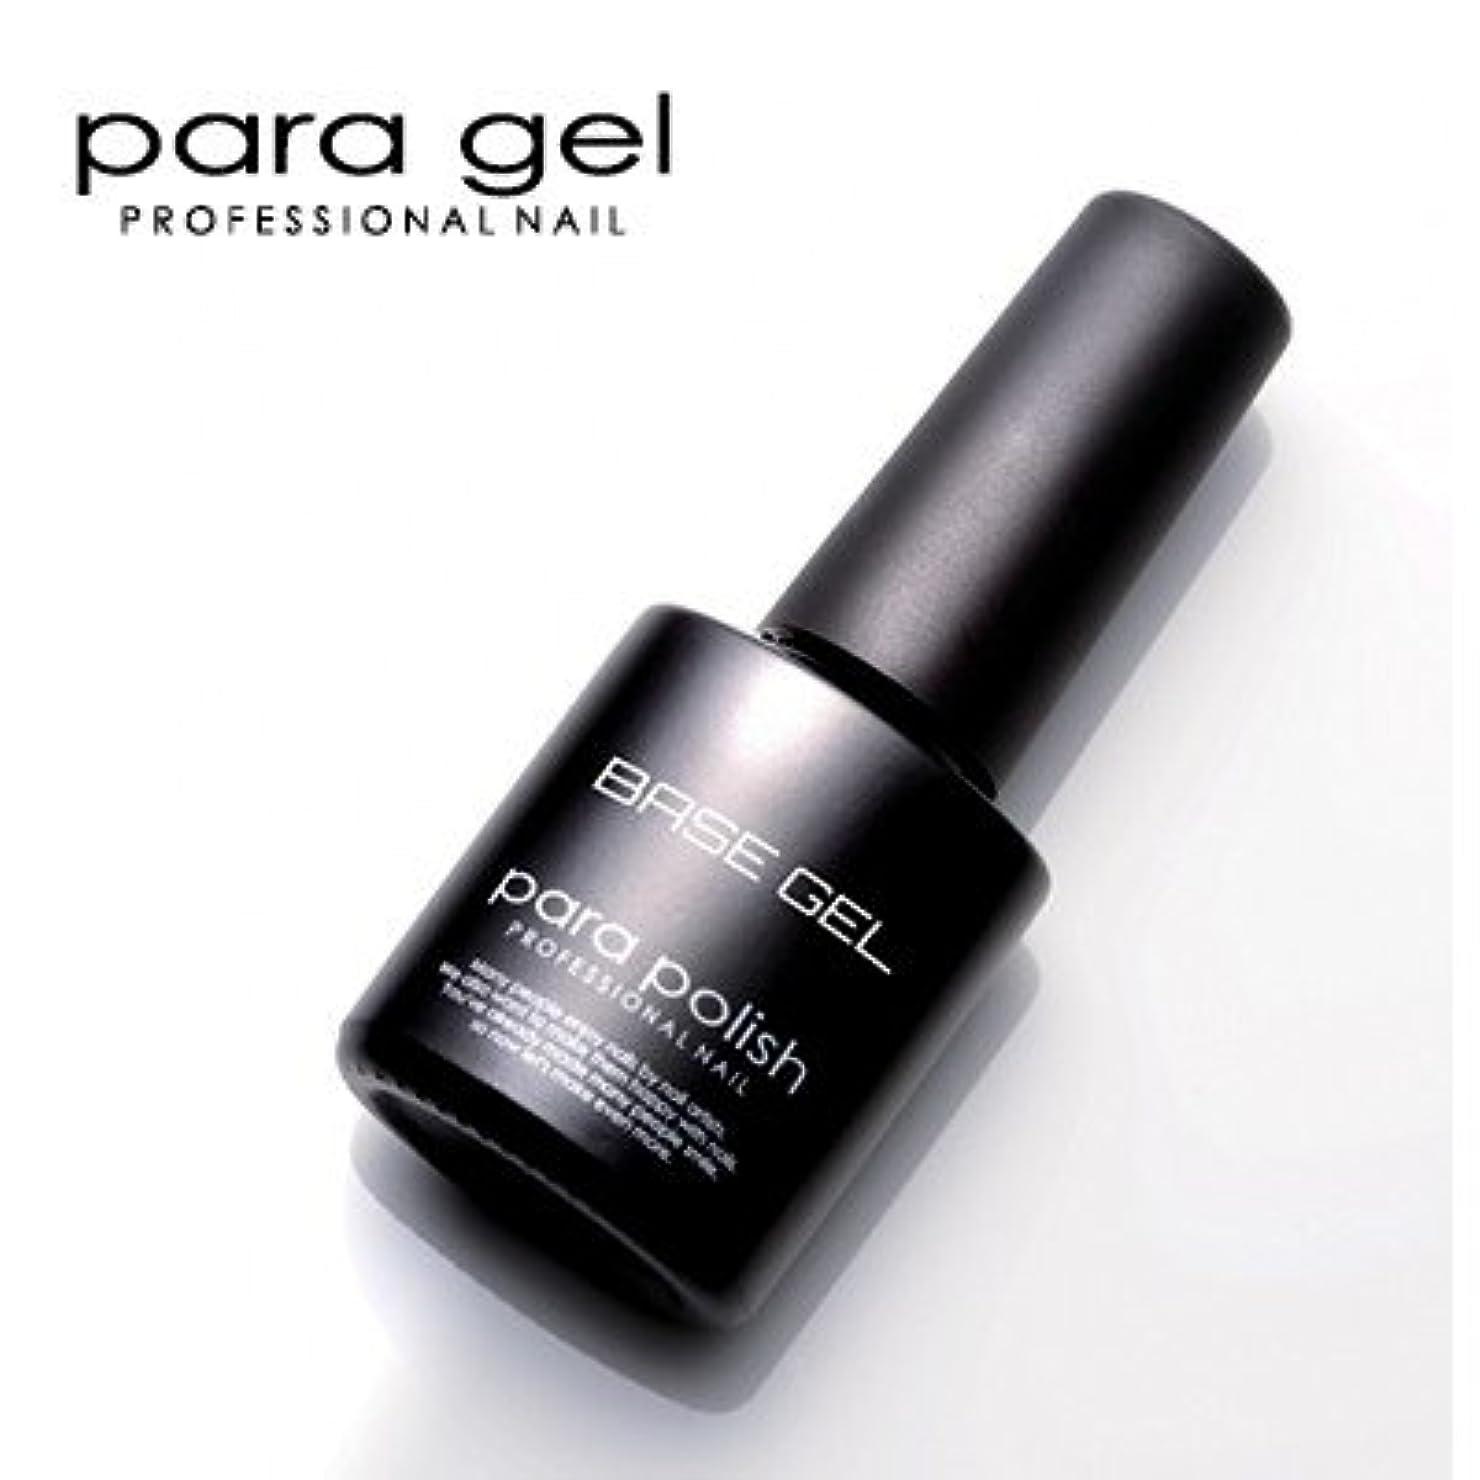 勇気緑買い手パラジェル para polish(パラポリッシュ) ベースジェル 7g